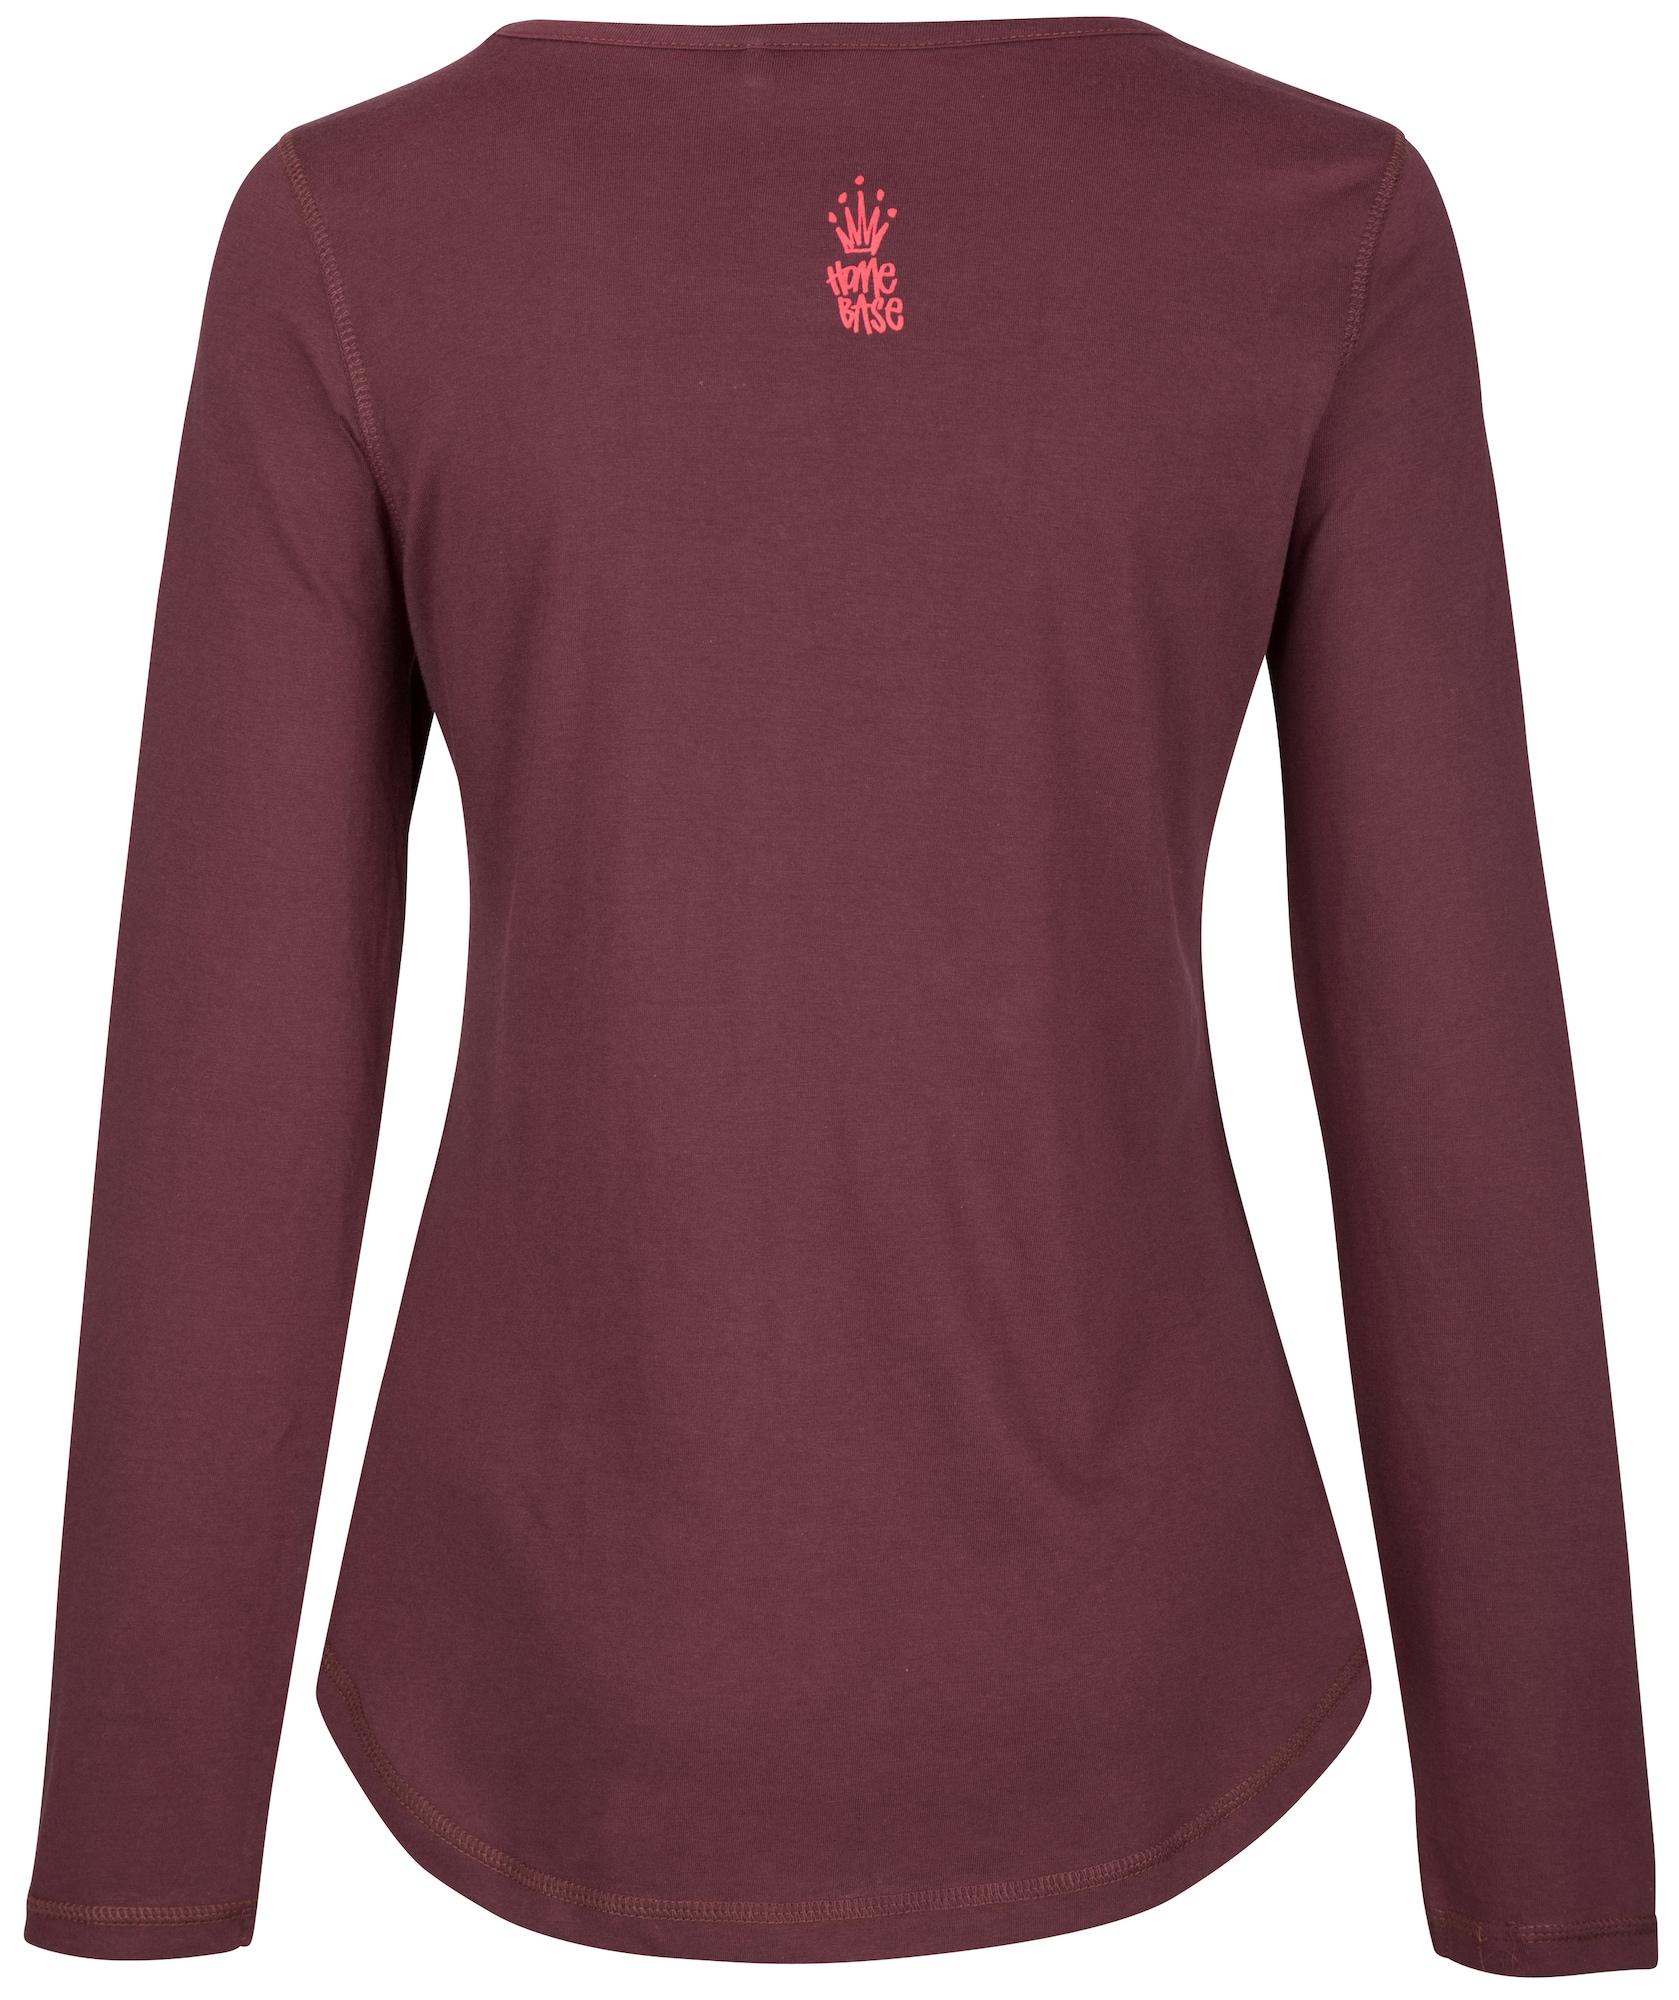 HOMEBASE, Damen Shirt Brandalised by Homebase, rood / bordeaux